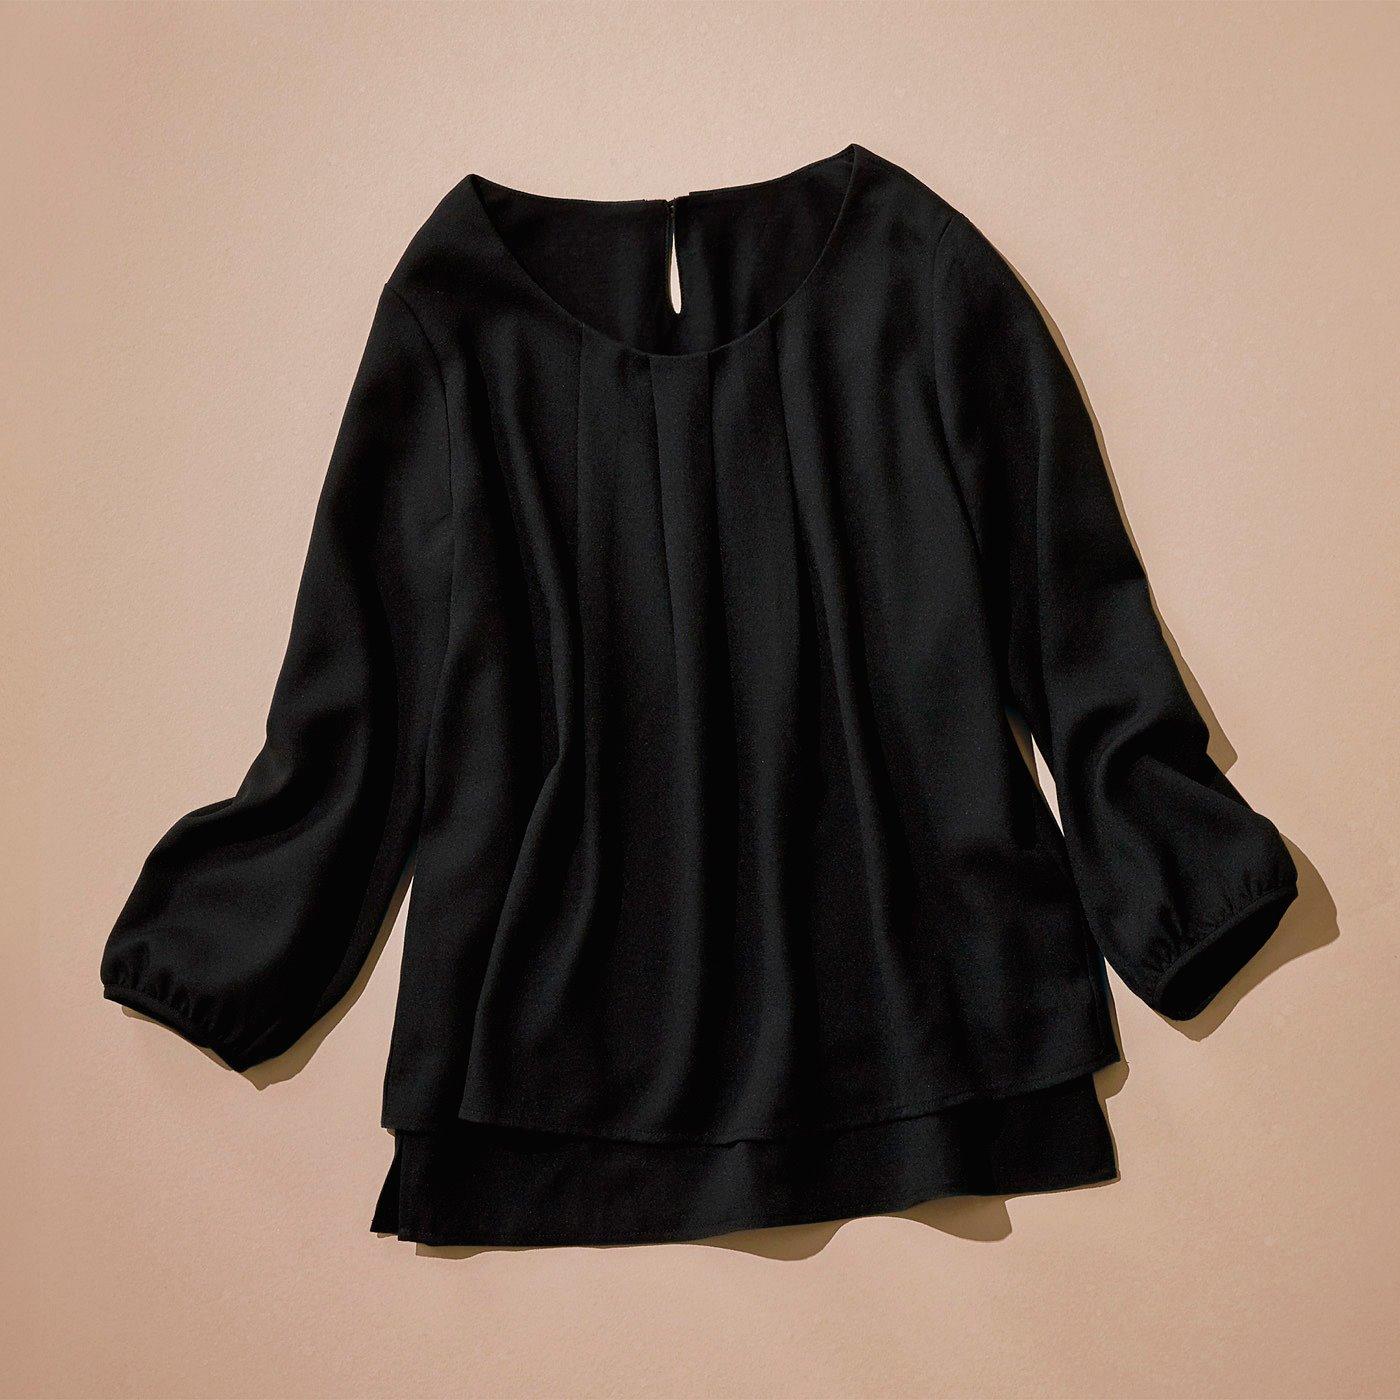 華美になりすぎず引き締め感もあるブラック。お手持ちのセレモニー服も、合わせるトップスを変えるだけで劇的にリフレッシュ。 ジャケットを脱いでも華やぎと好印象をキープできる、技ありトップスを味方につけて。